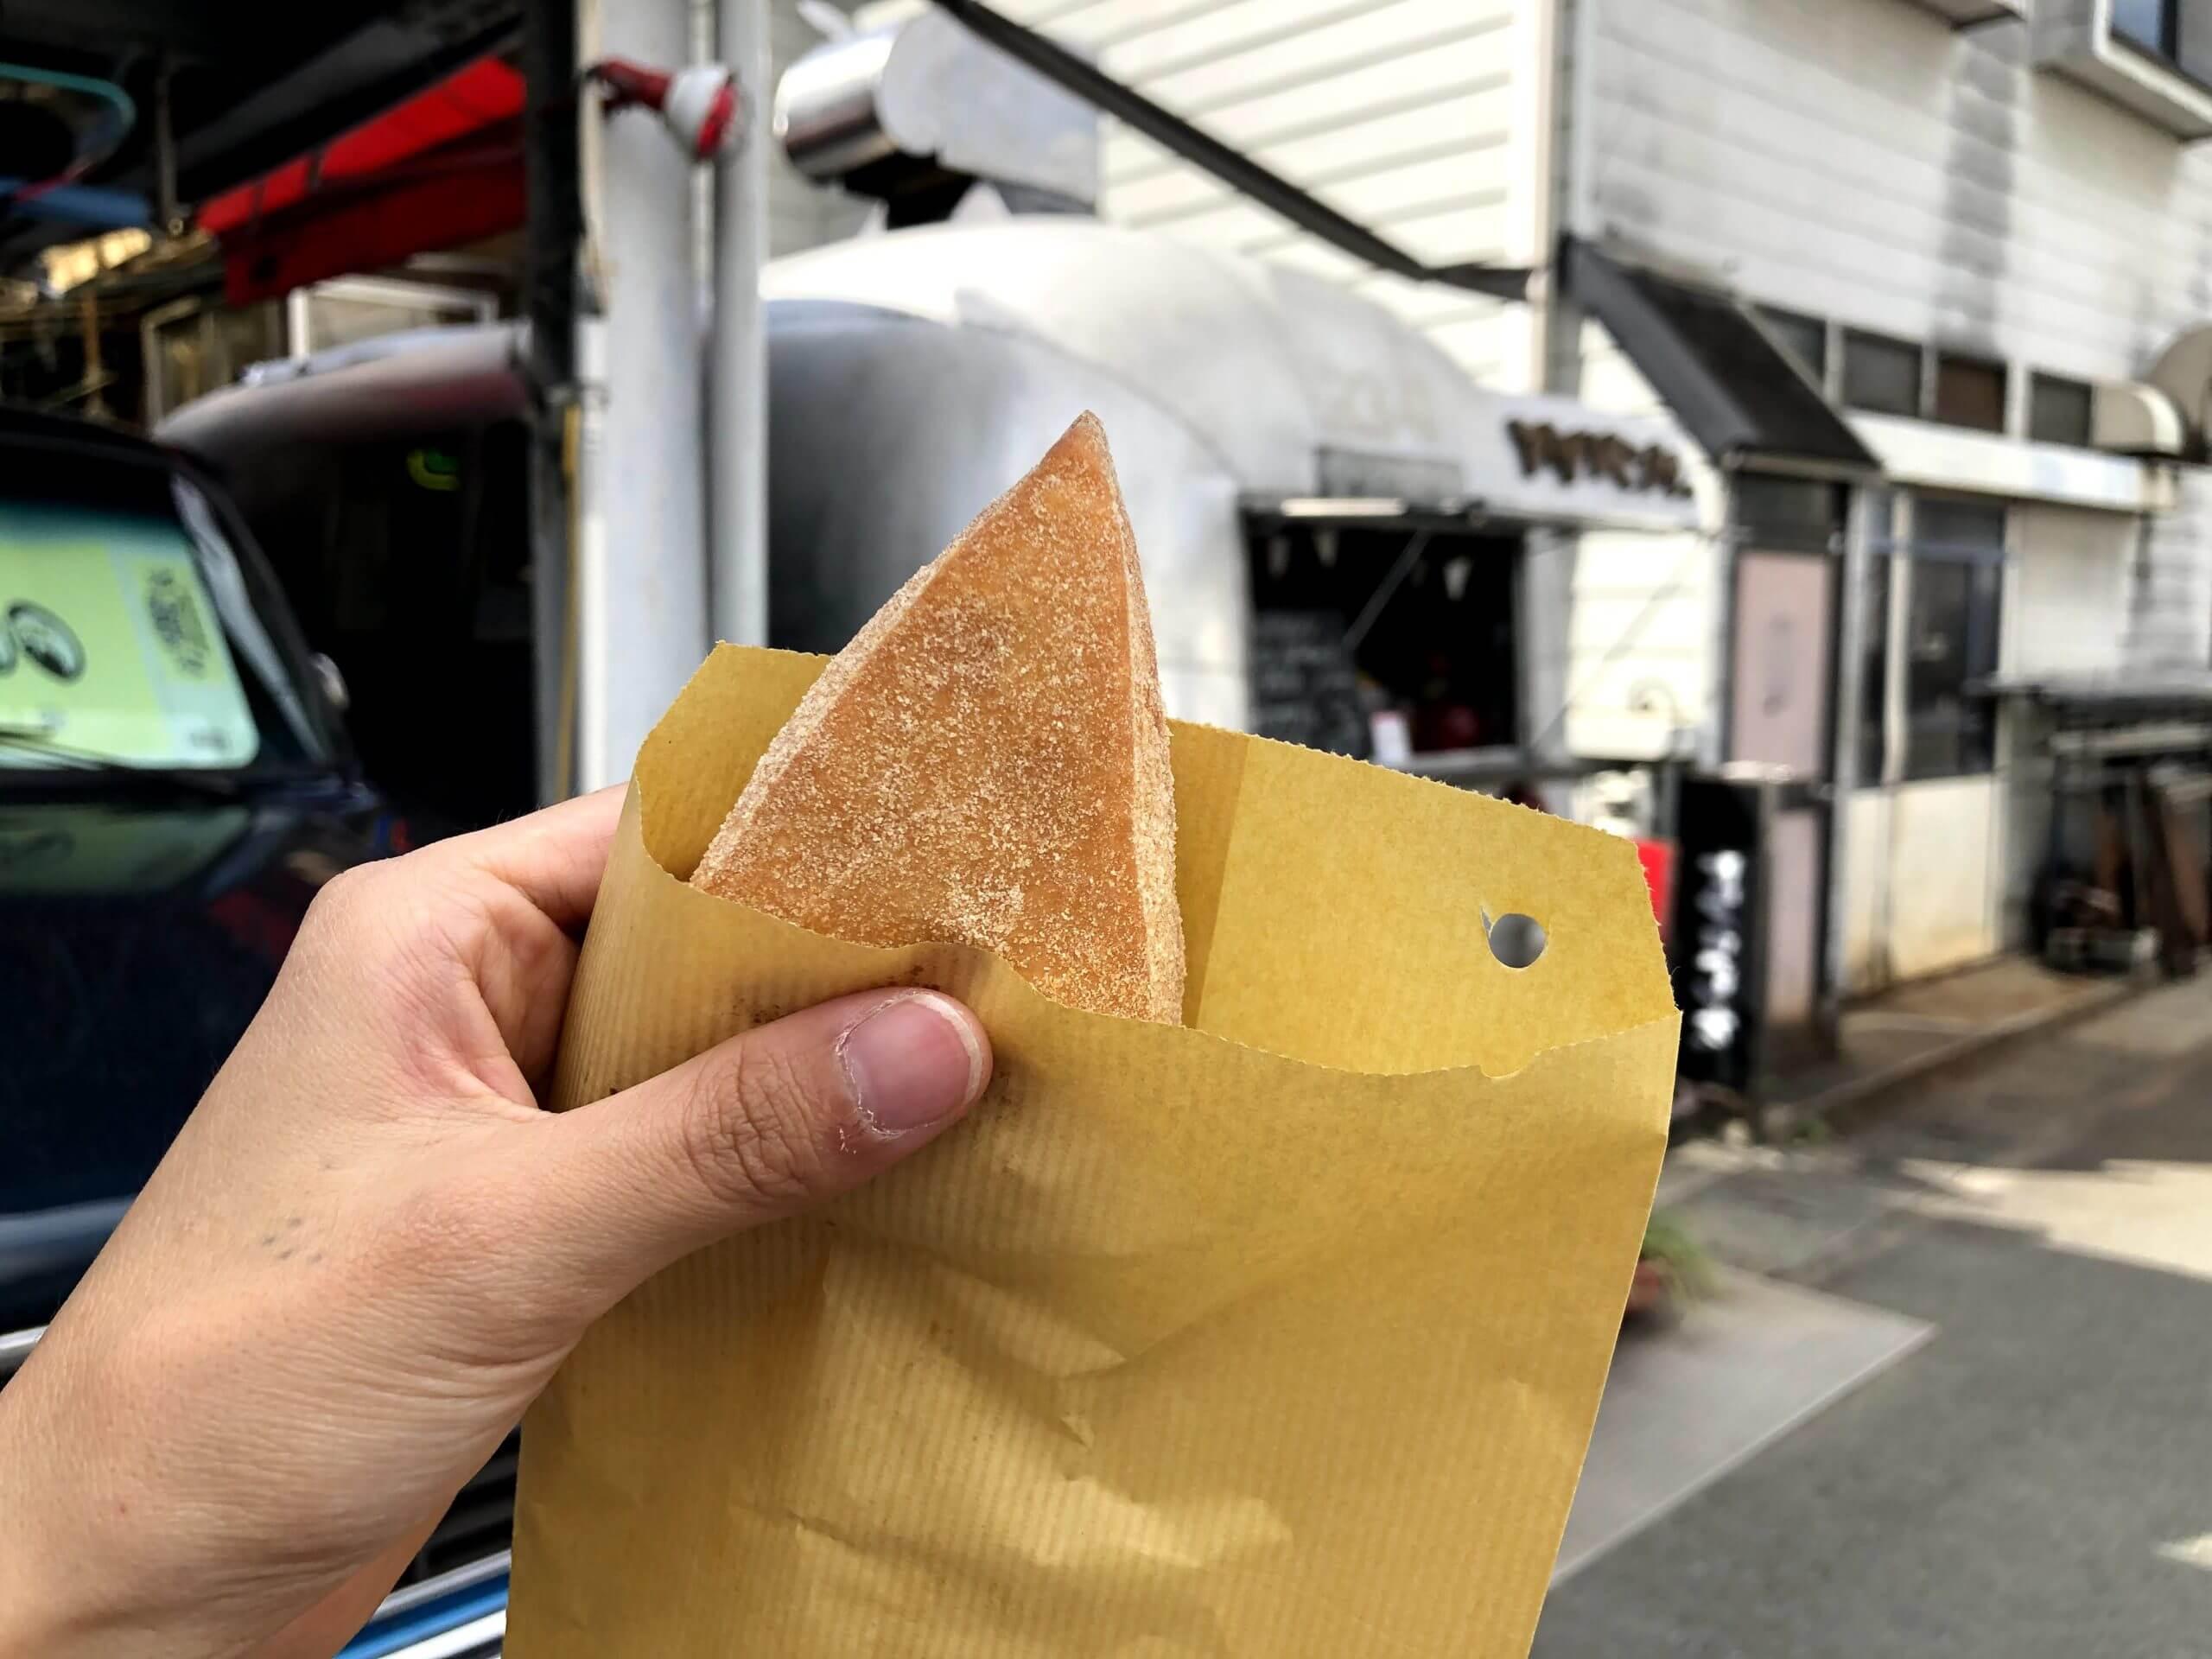 【てづくりあげぱんや】三角のあげぱんは可愛いだけじゃなく美味しいも兼ね備えてる最強フード《熊本市中央区新大江》